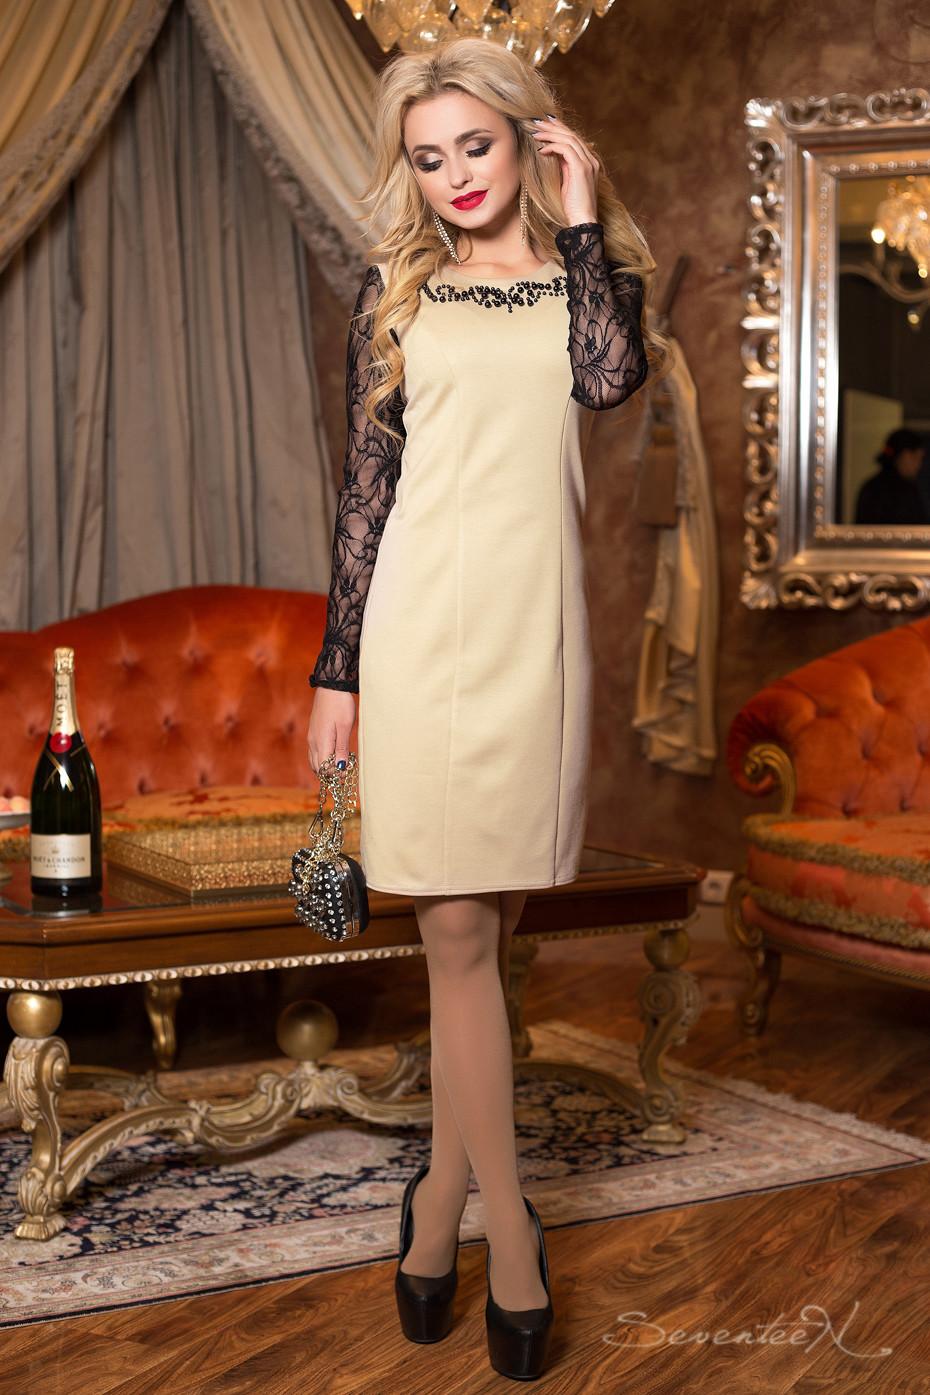 Женская одежда, полная обаяния и очарования - отличный вариант предстоящих корпоративных вечеров. НОВИНКИ!